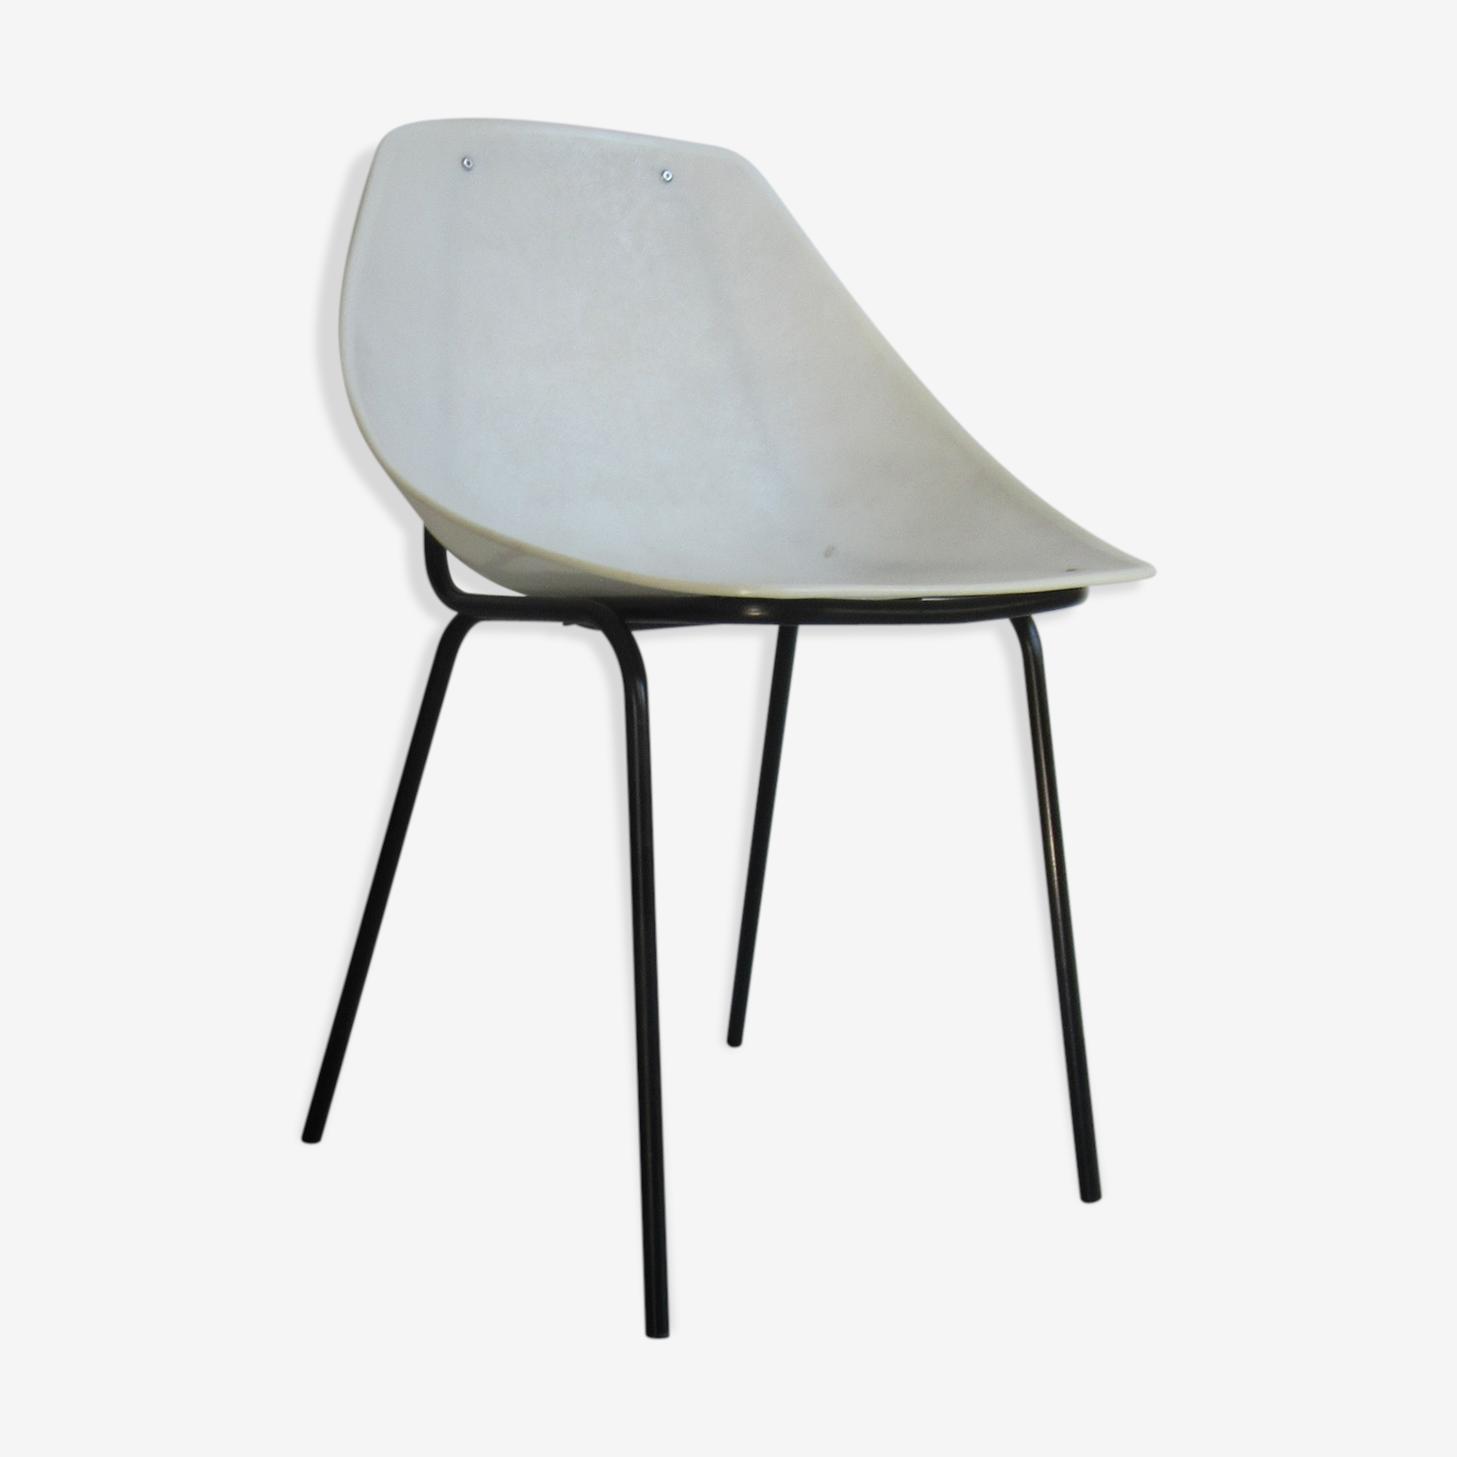 Chaise coquillage de Pierre Guariche pour Meurop, 1961